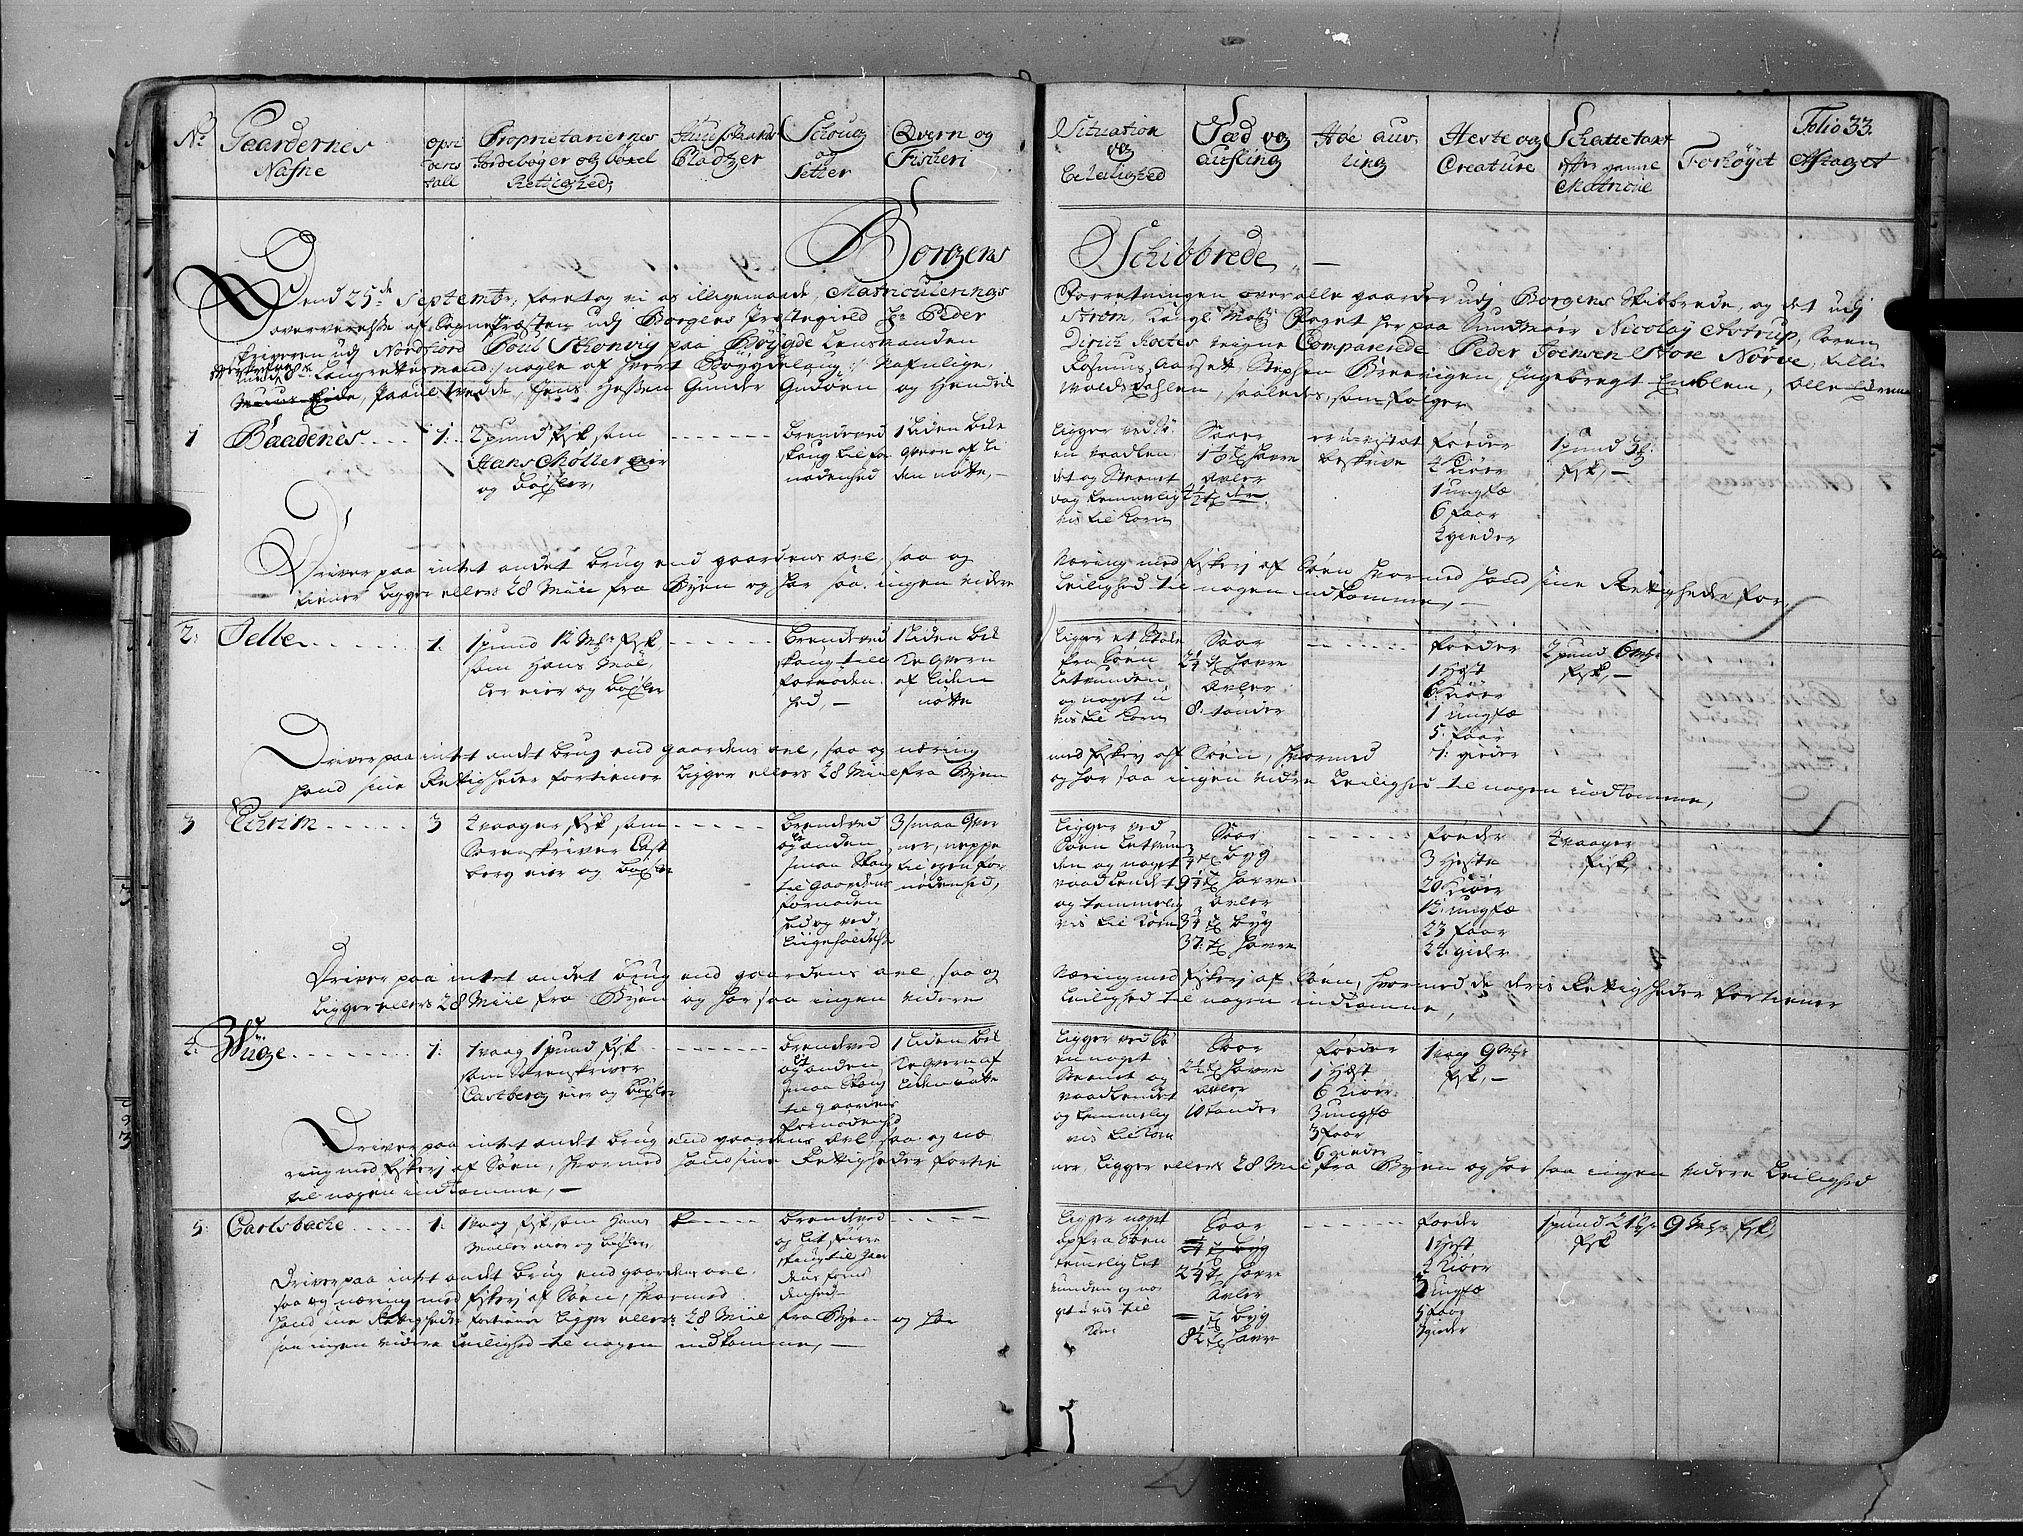 RA, Rentekammeret inntil 1814, Realistisk ordnet avdeling, N/Nb/Nbf/L0150: Sunnmøre eksaminasjonsprotokoll, 1724, s. 32b-33a